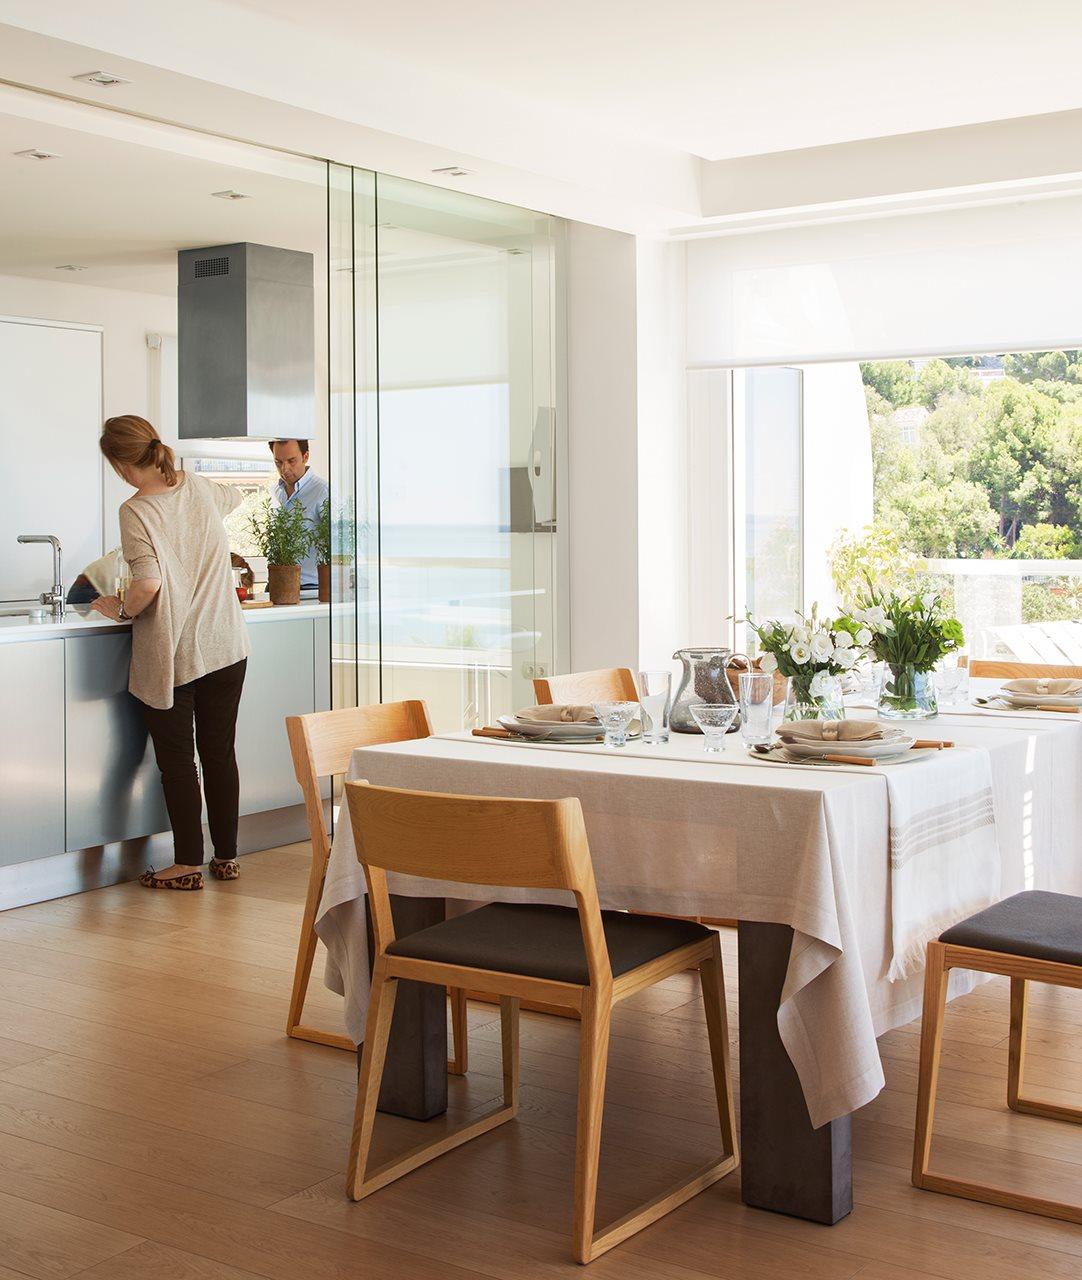 """4 1 - Precioso piso de ensueño en Málaga: """"Las vistas al mar no tienen precio"""""""